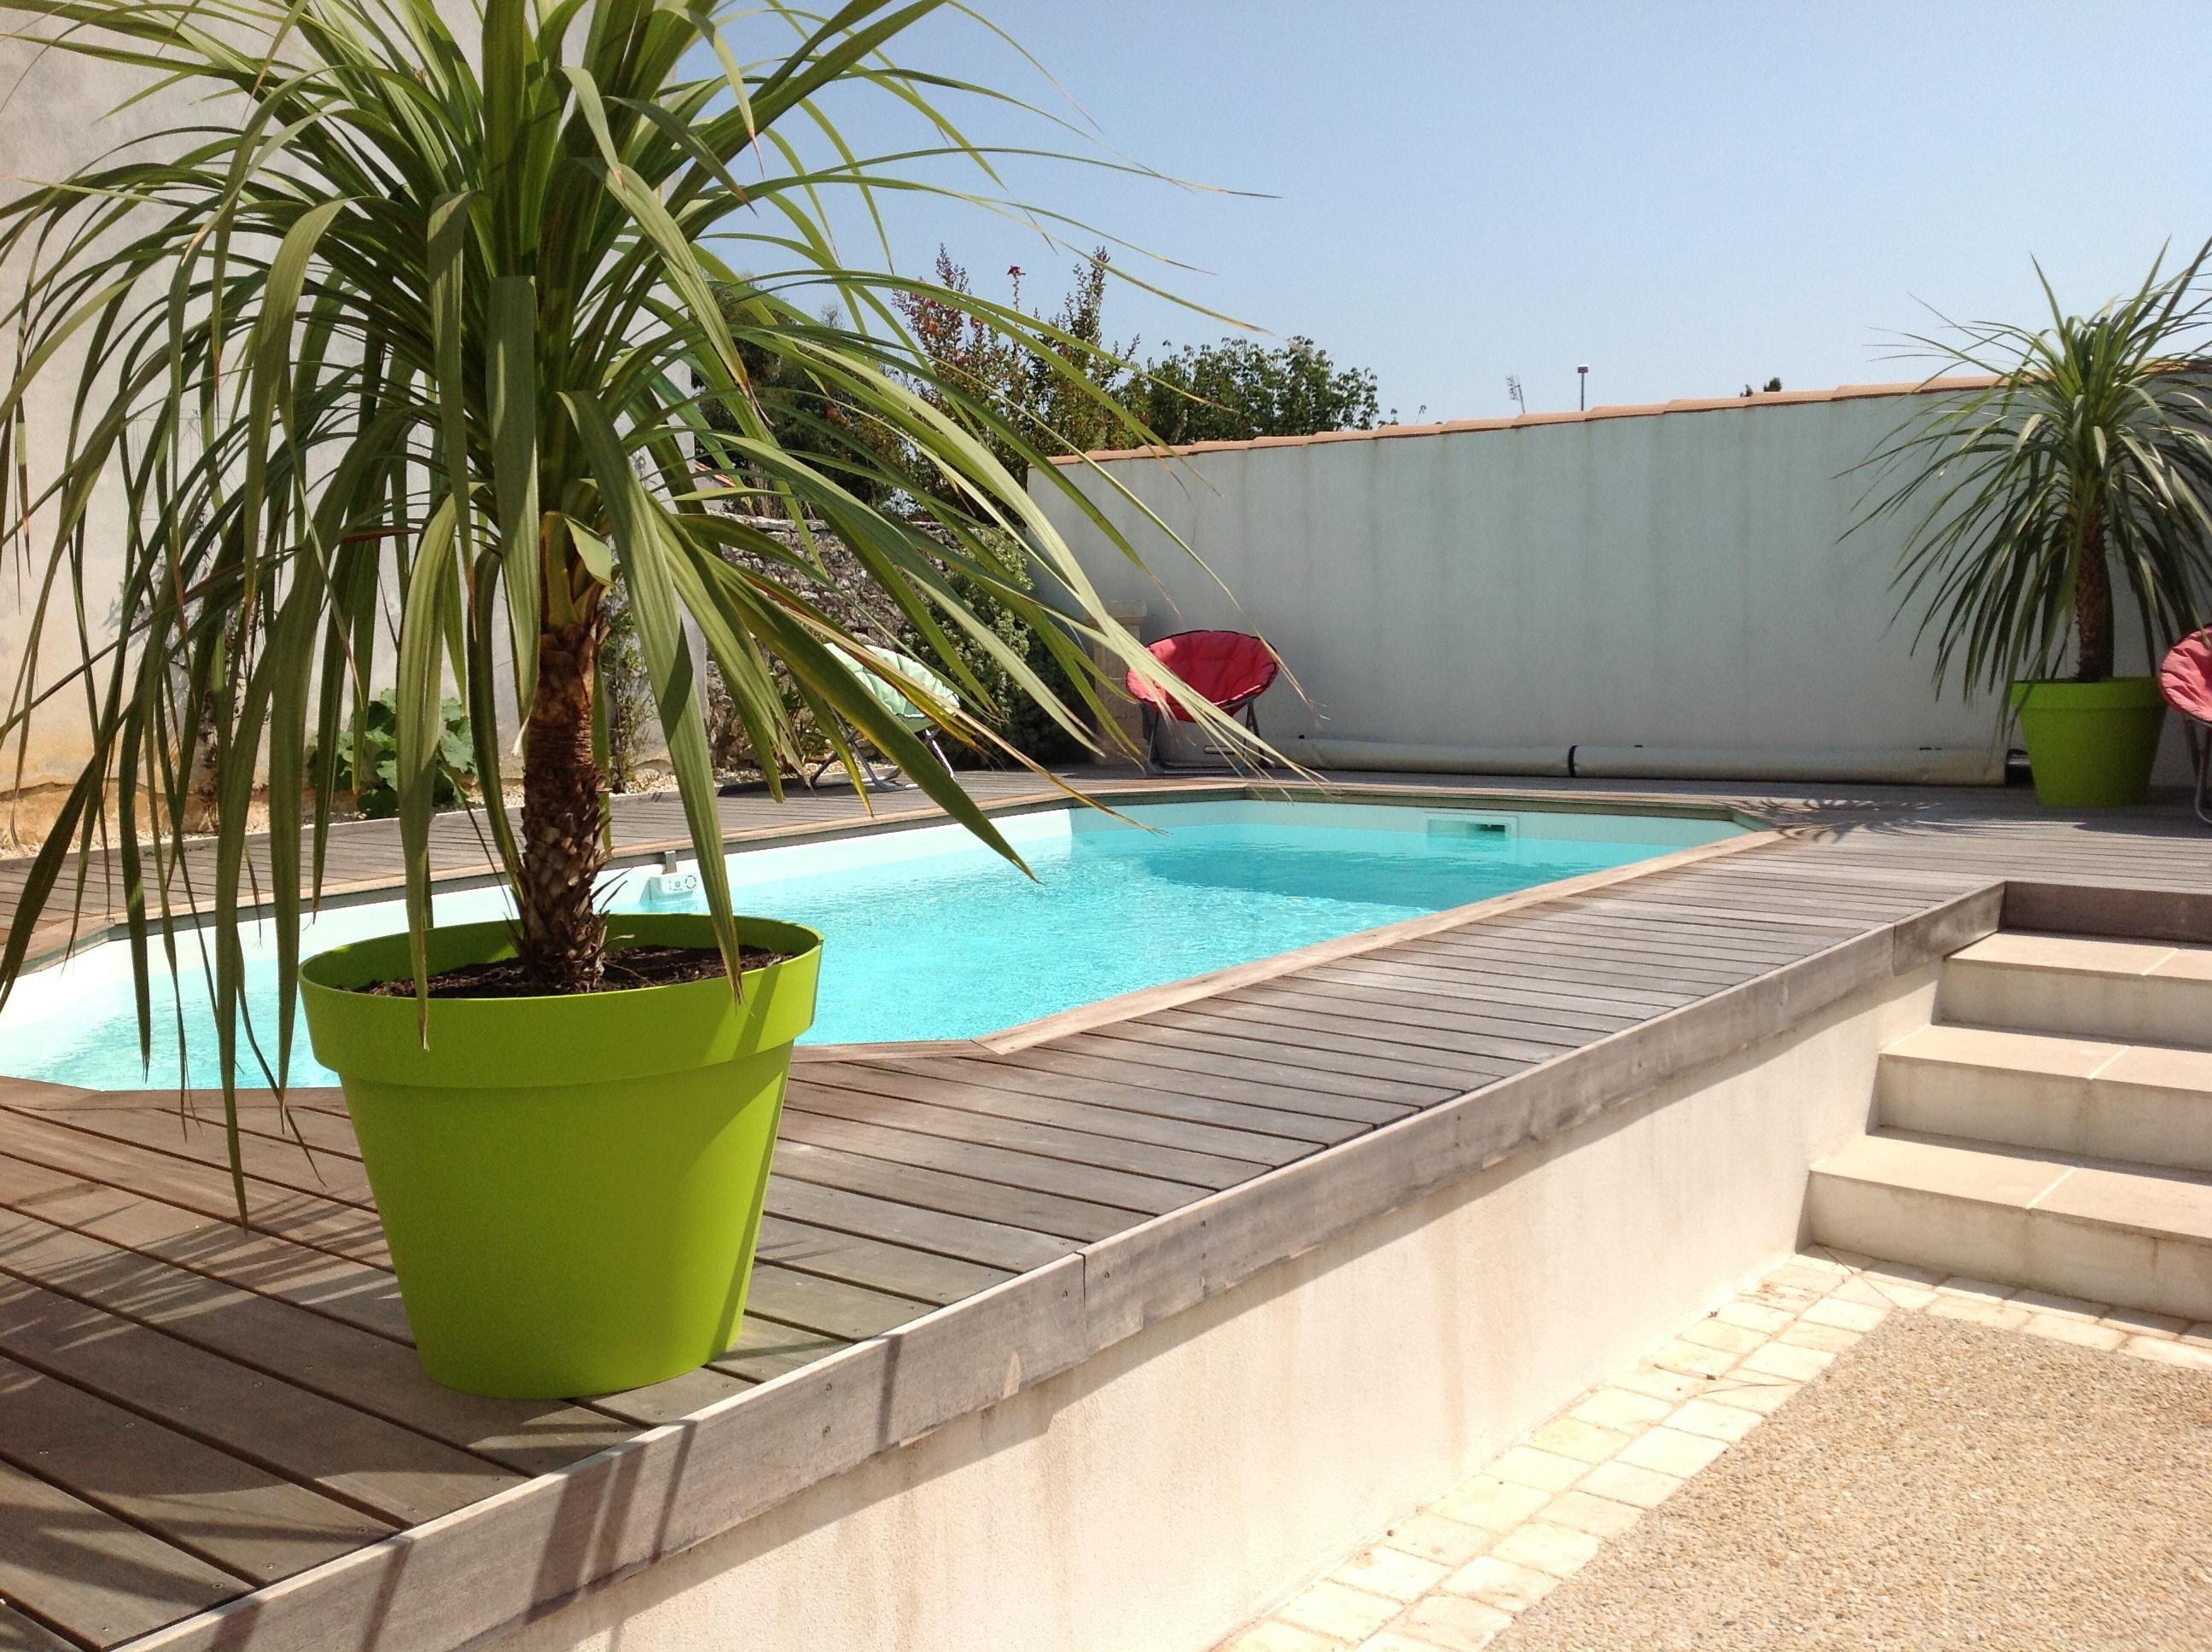 Location ile de r le bois plage en r maison de for Recherche maison avec piscine pour vacances